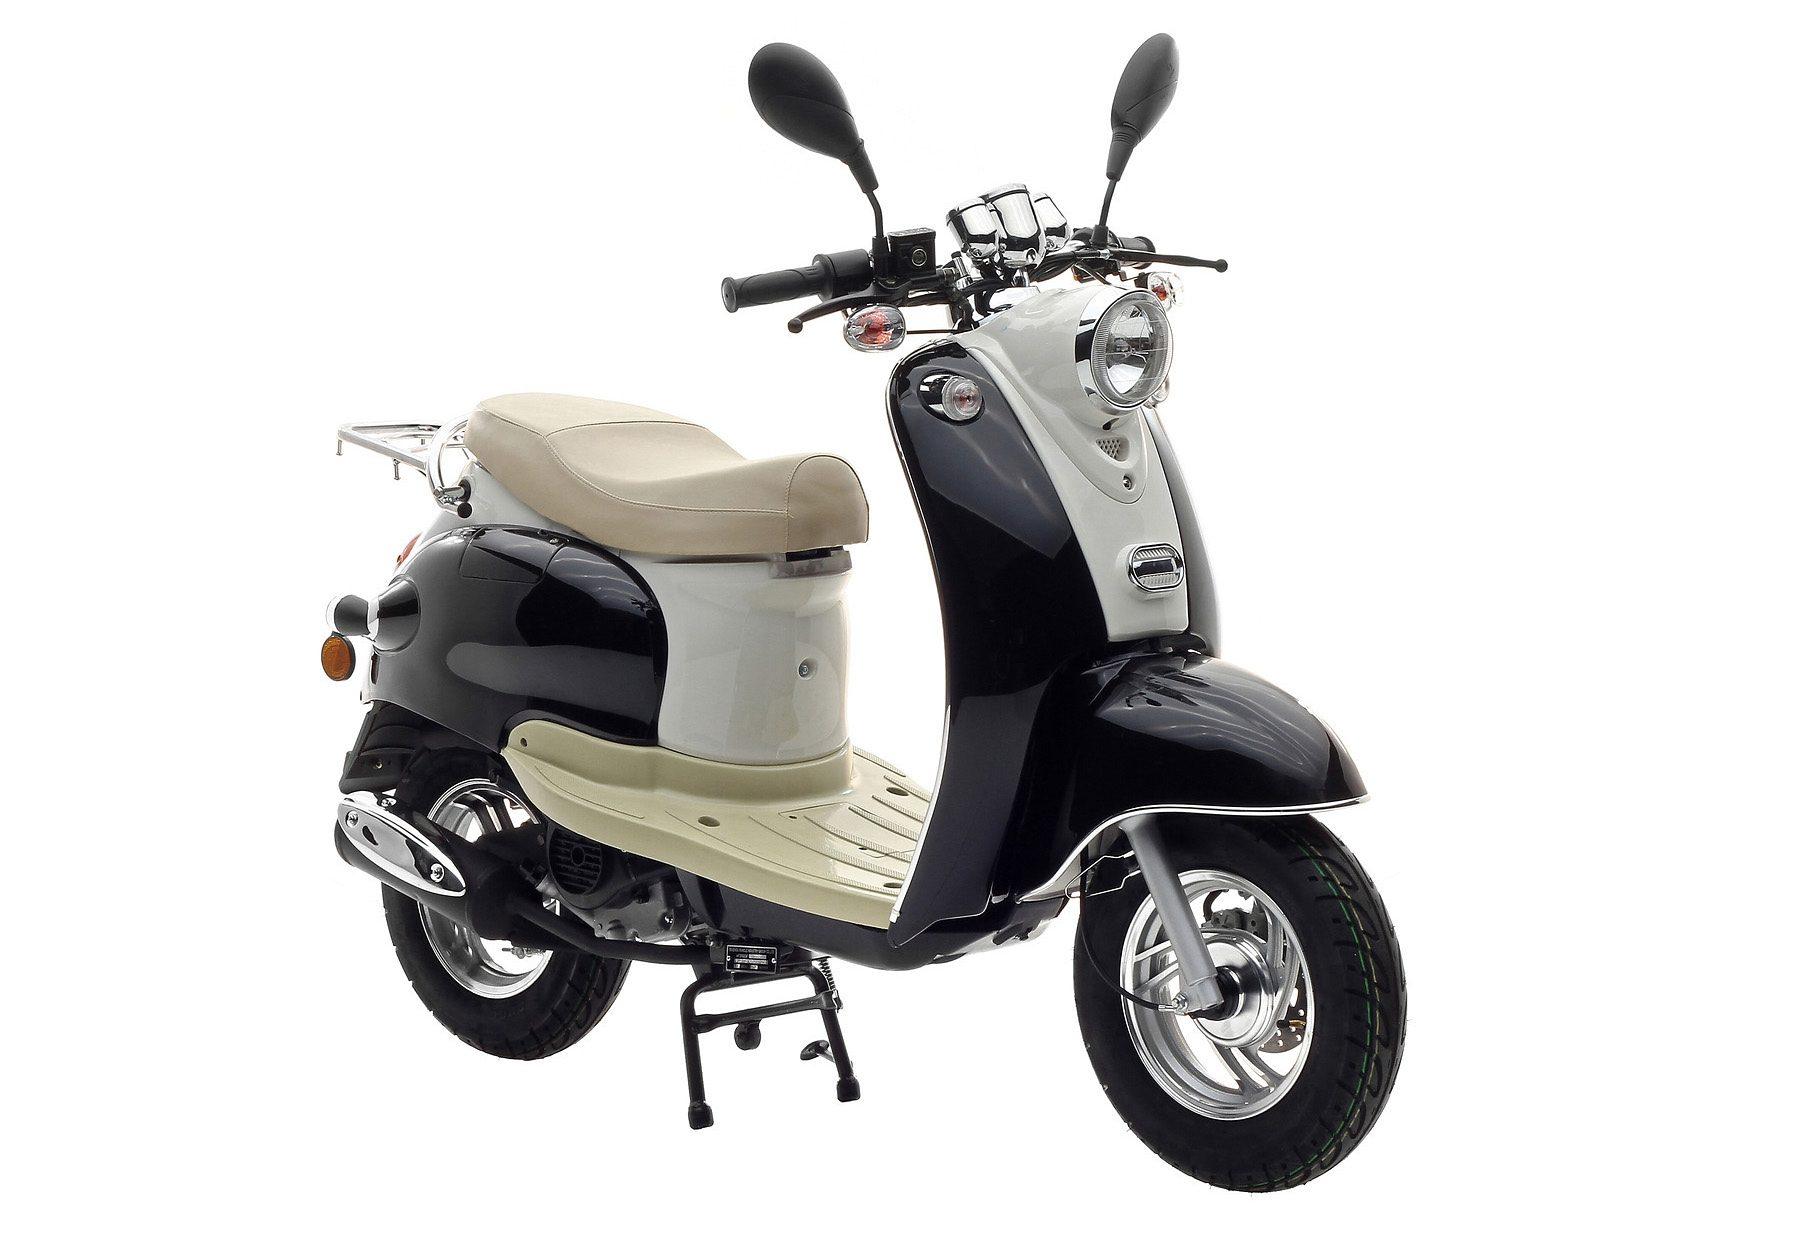 Retro-Motorroller, Nova Motors, »Venezia II-Mokick«, 50 ccm 45 km/h, schwarz-weiß